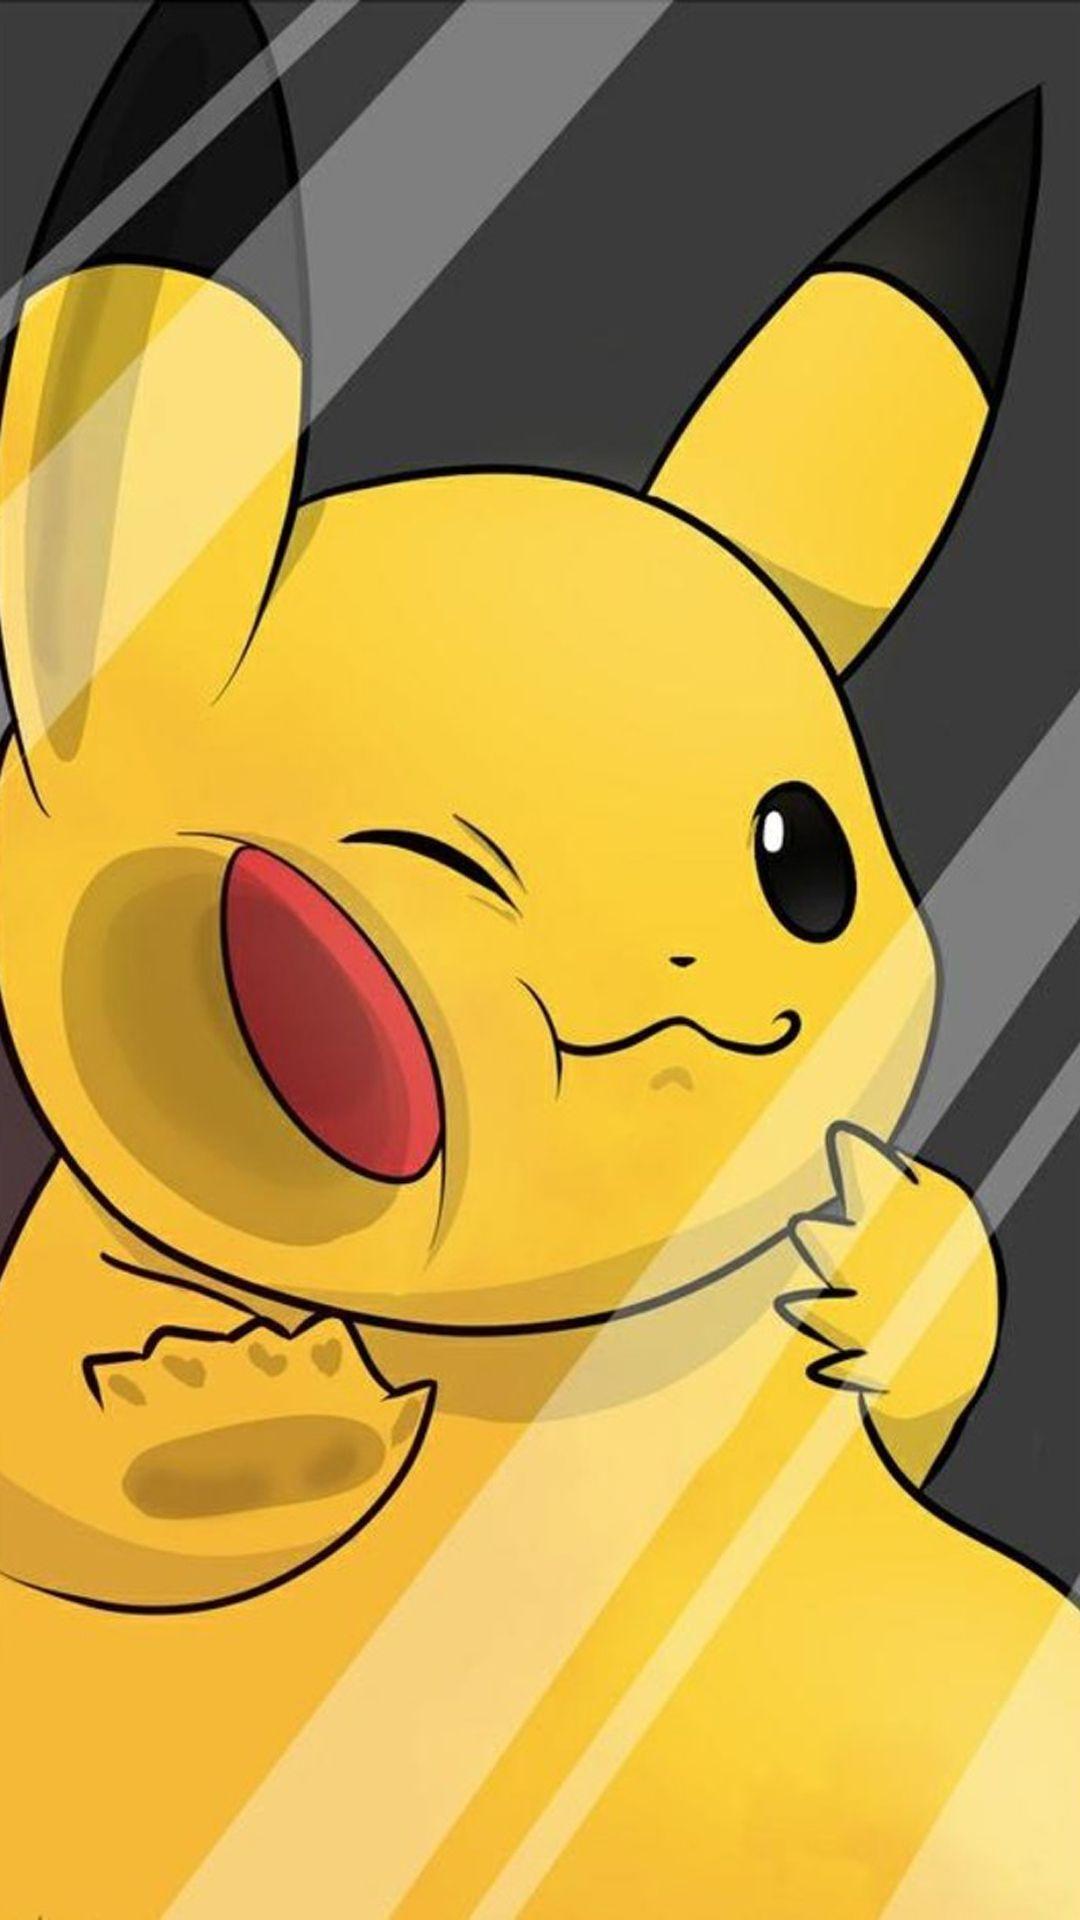 Pokemon Cool screen saver wallpaper